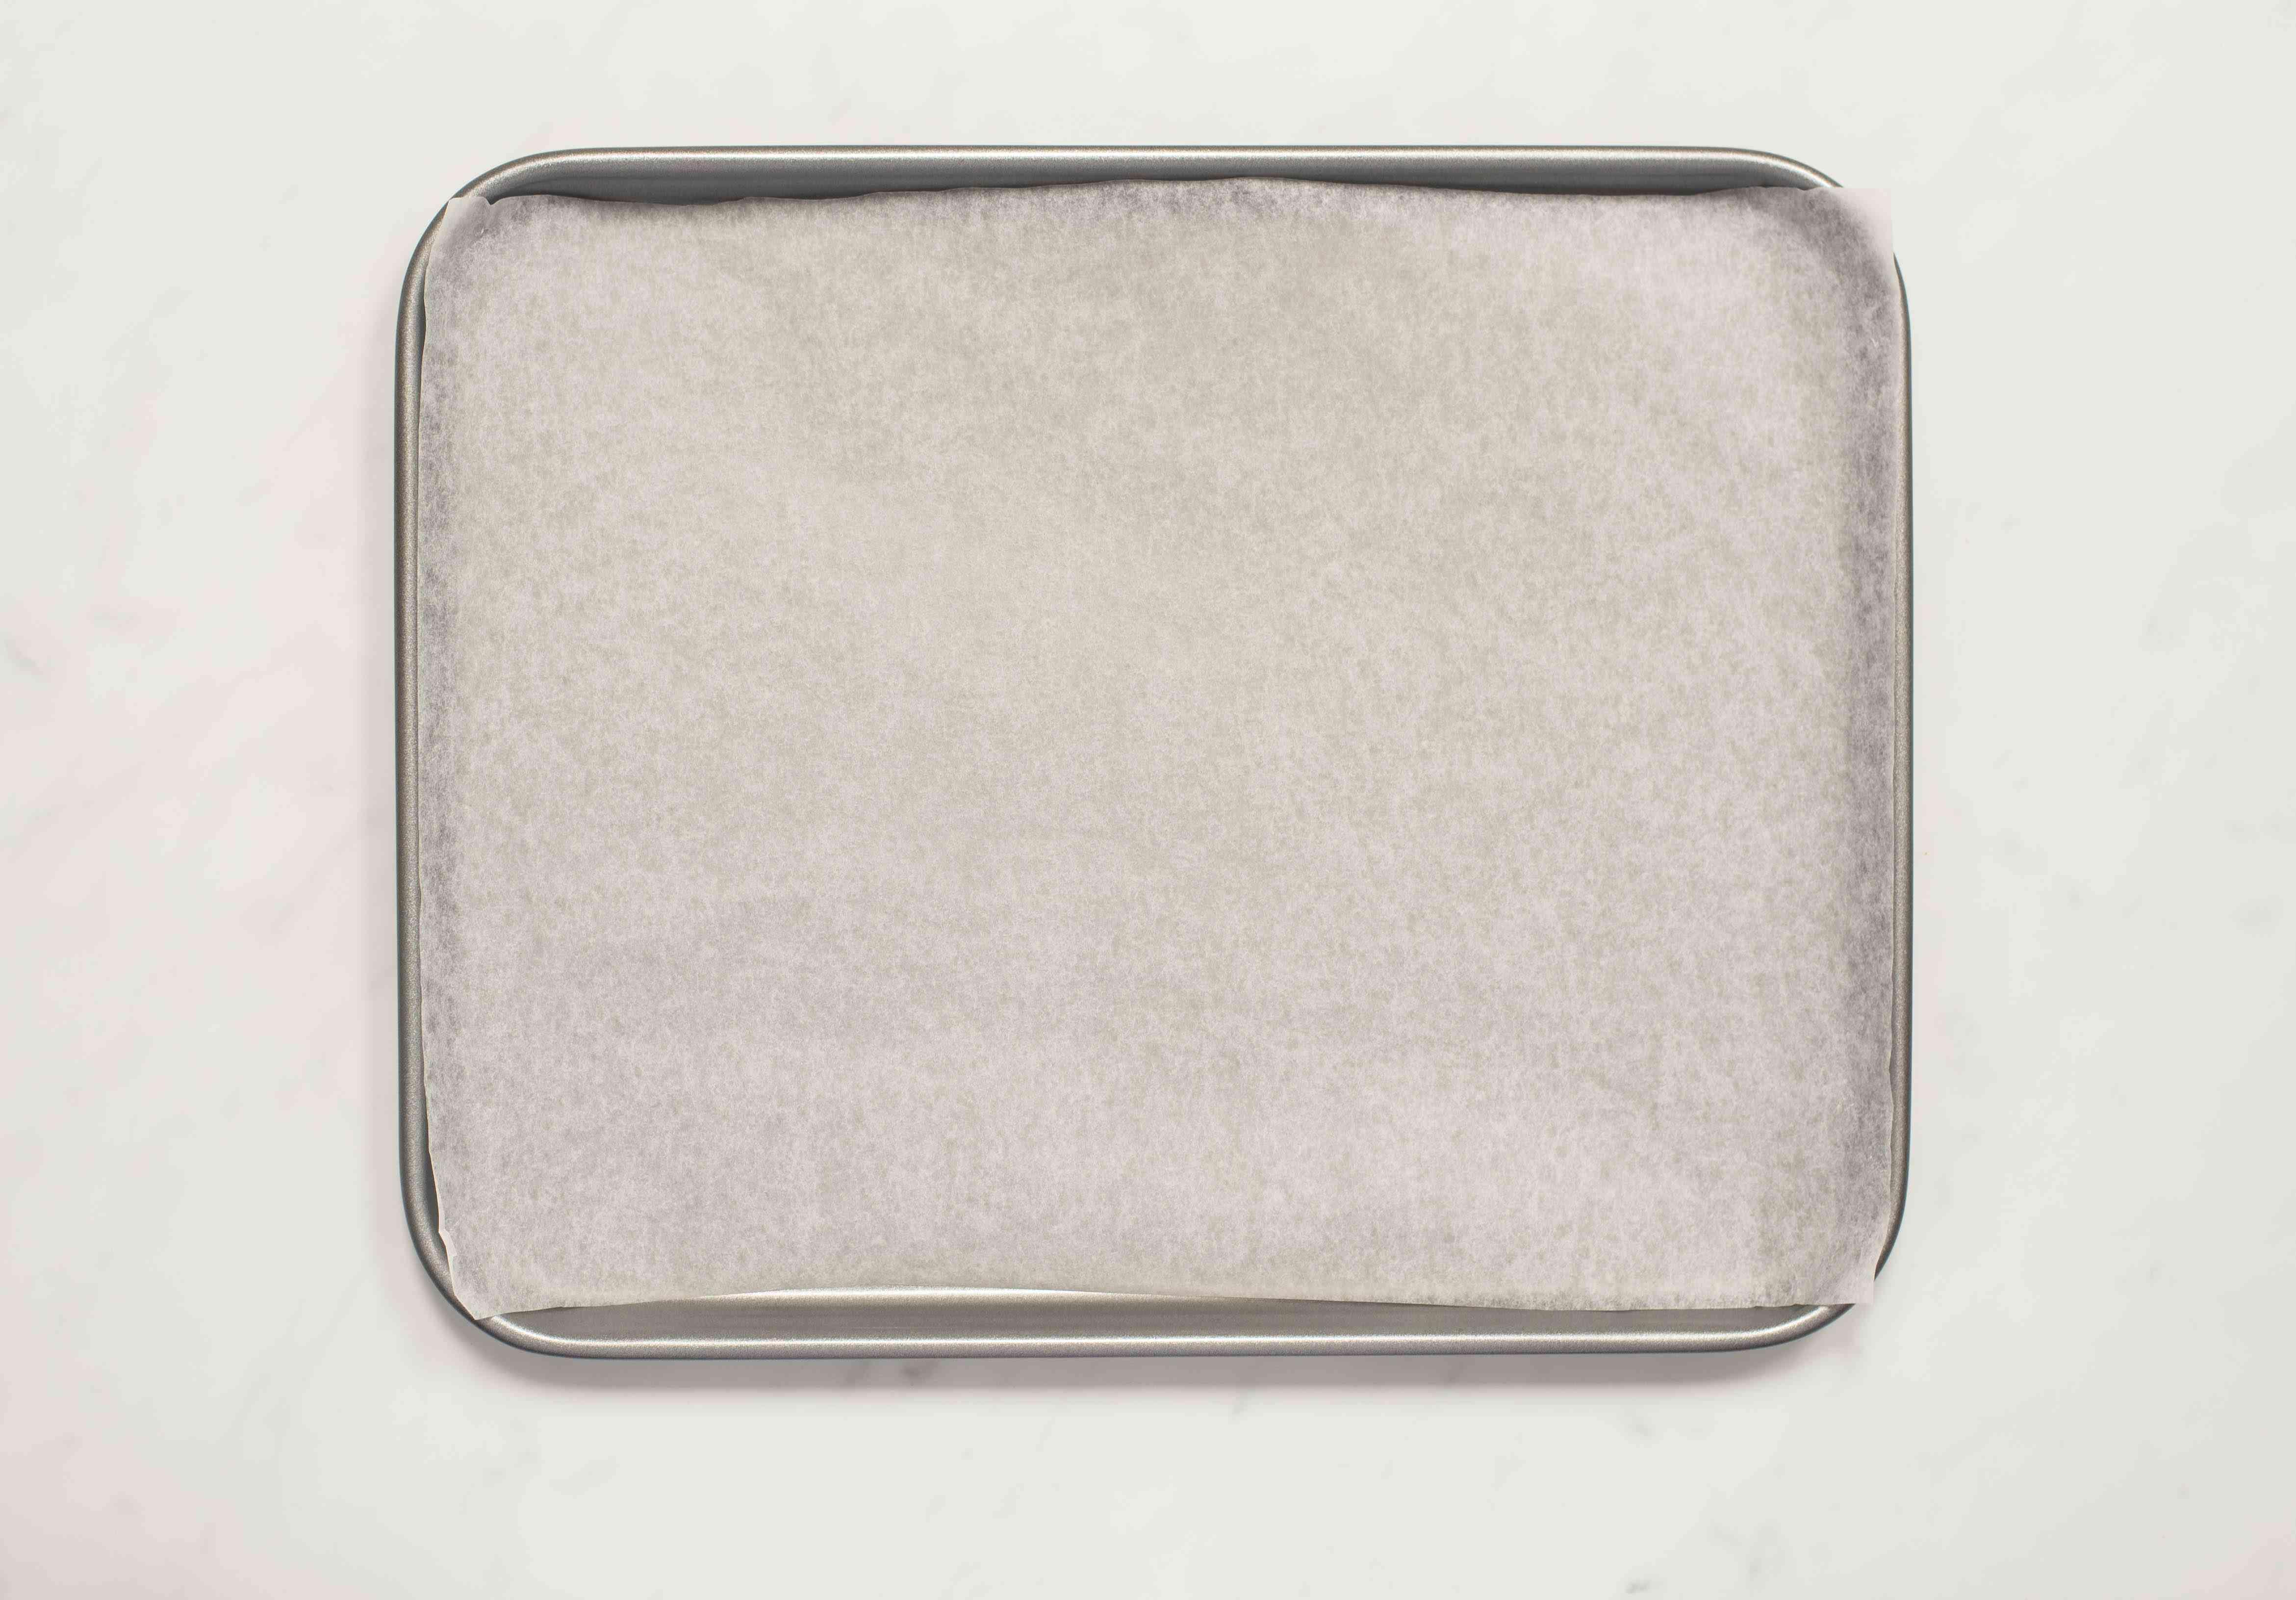 Line baking sheet